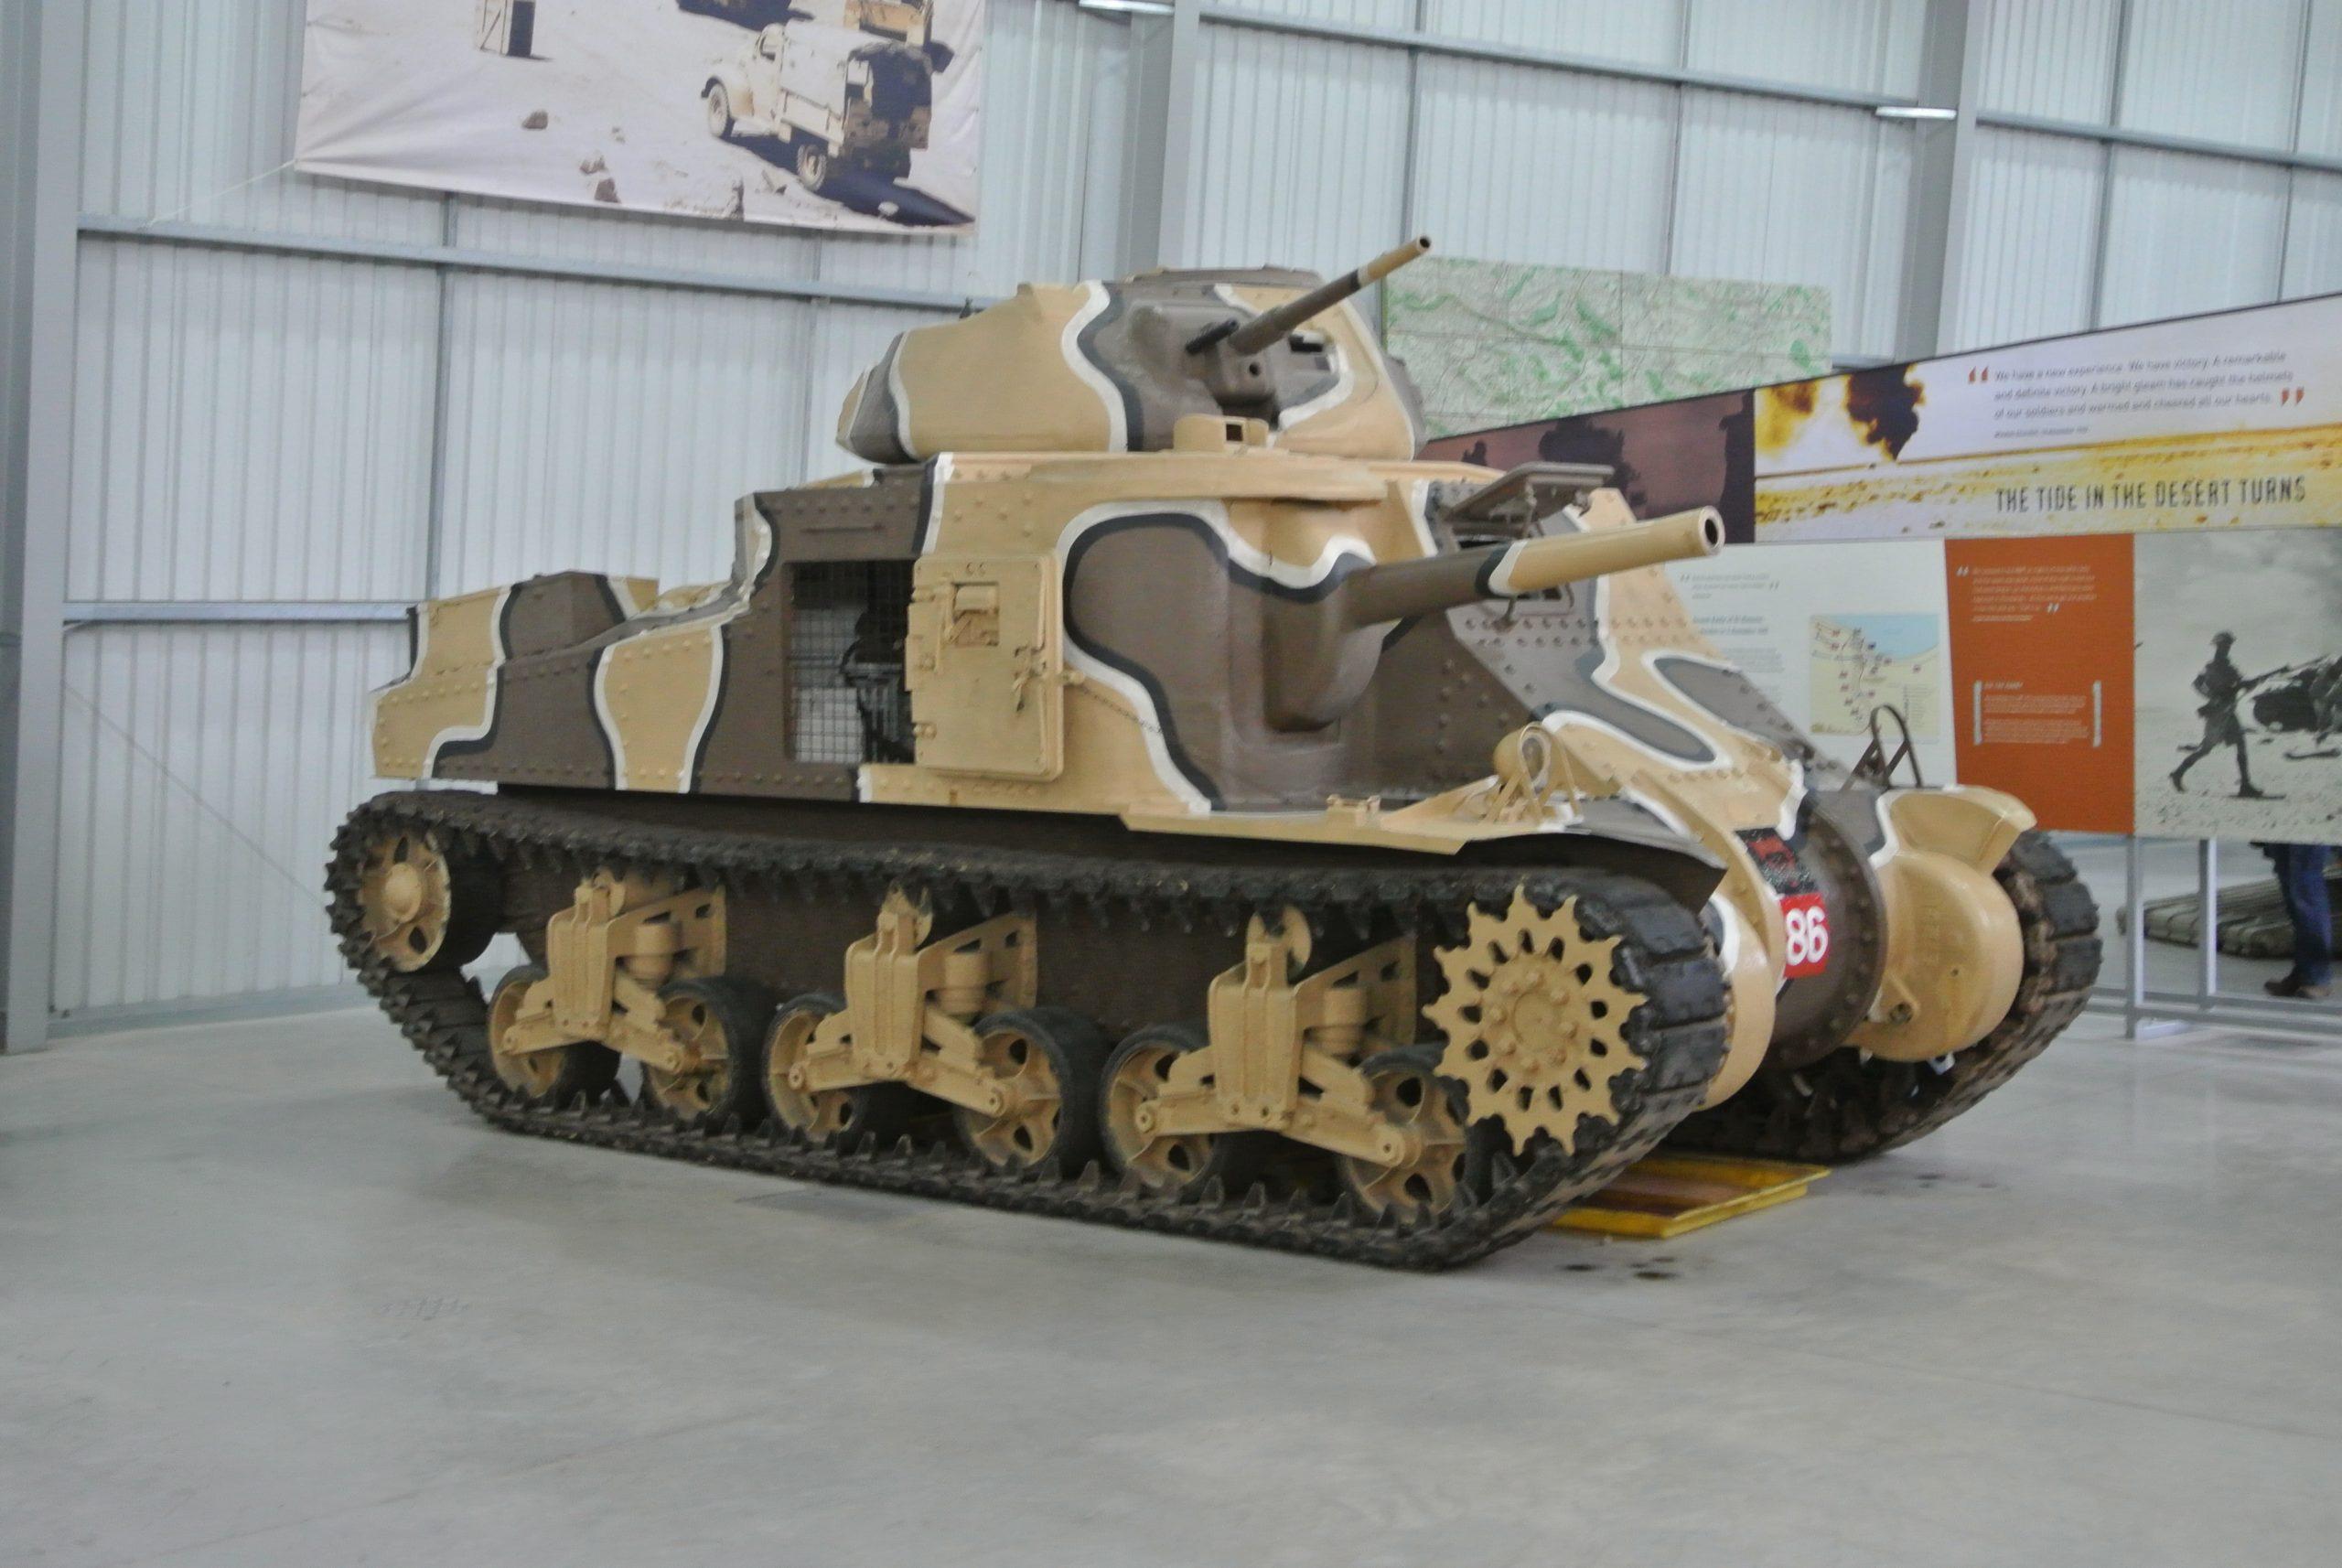 The Tank Museum, Bovington - photo by Juliamaud